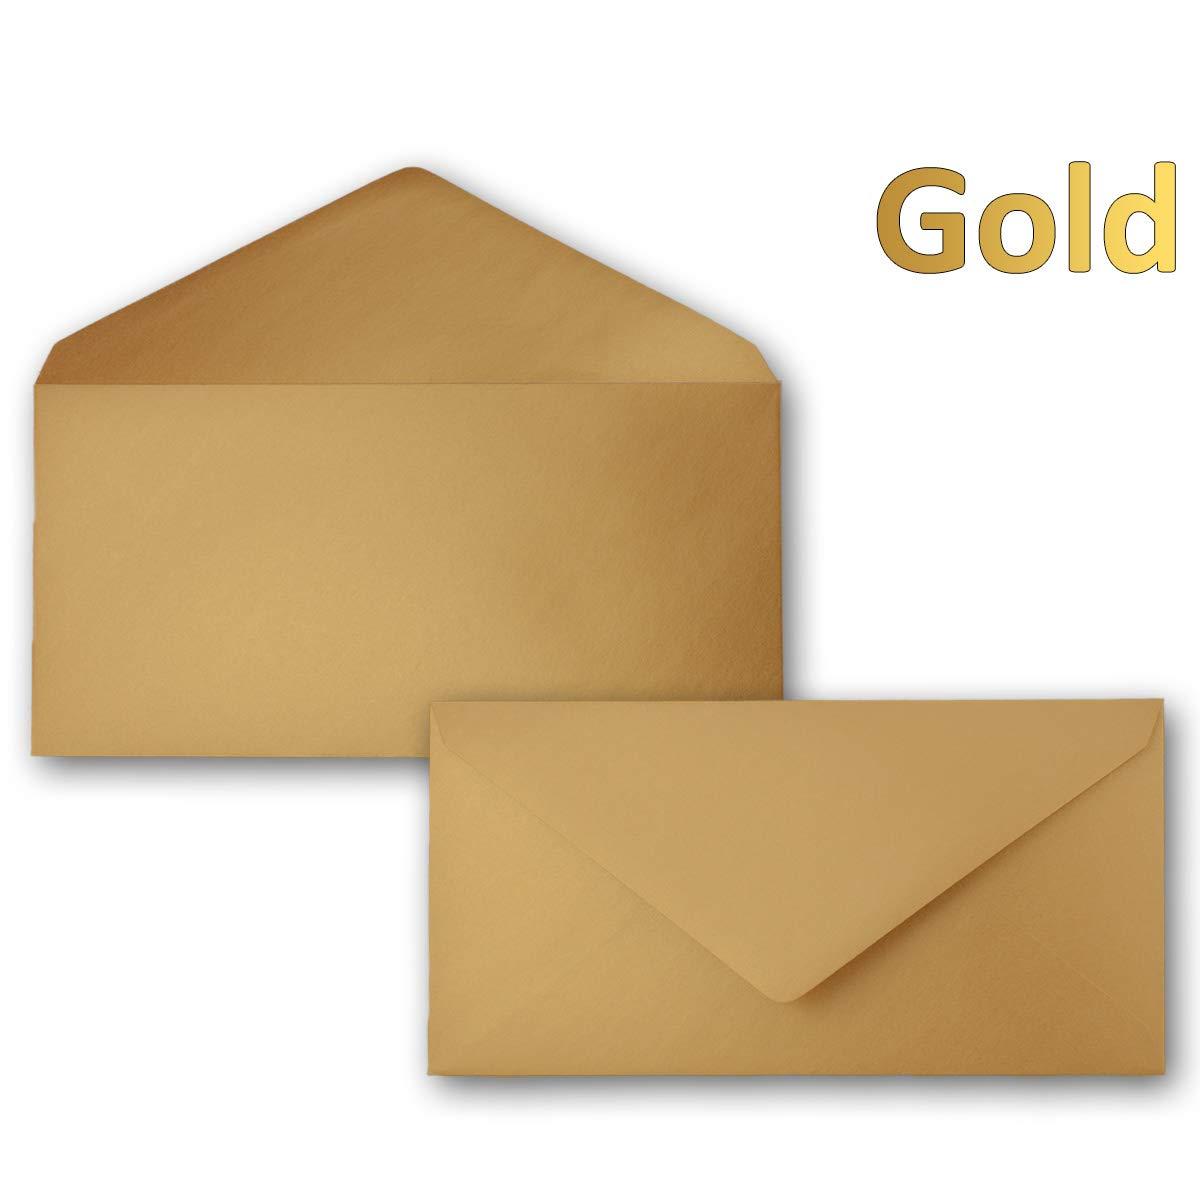 250 Brief-Umschläge Bronze Metallic DIN Lang - - - 110 x 220 mm (11 x 22 cm) - Nassklebung ohne Fenster - Ideal für Einladungs-Karten - Serie FarbenFroh® B079DQR9KX | Mama kaufte ein bequemes, Baby ist glücklich  c00206